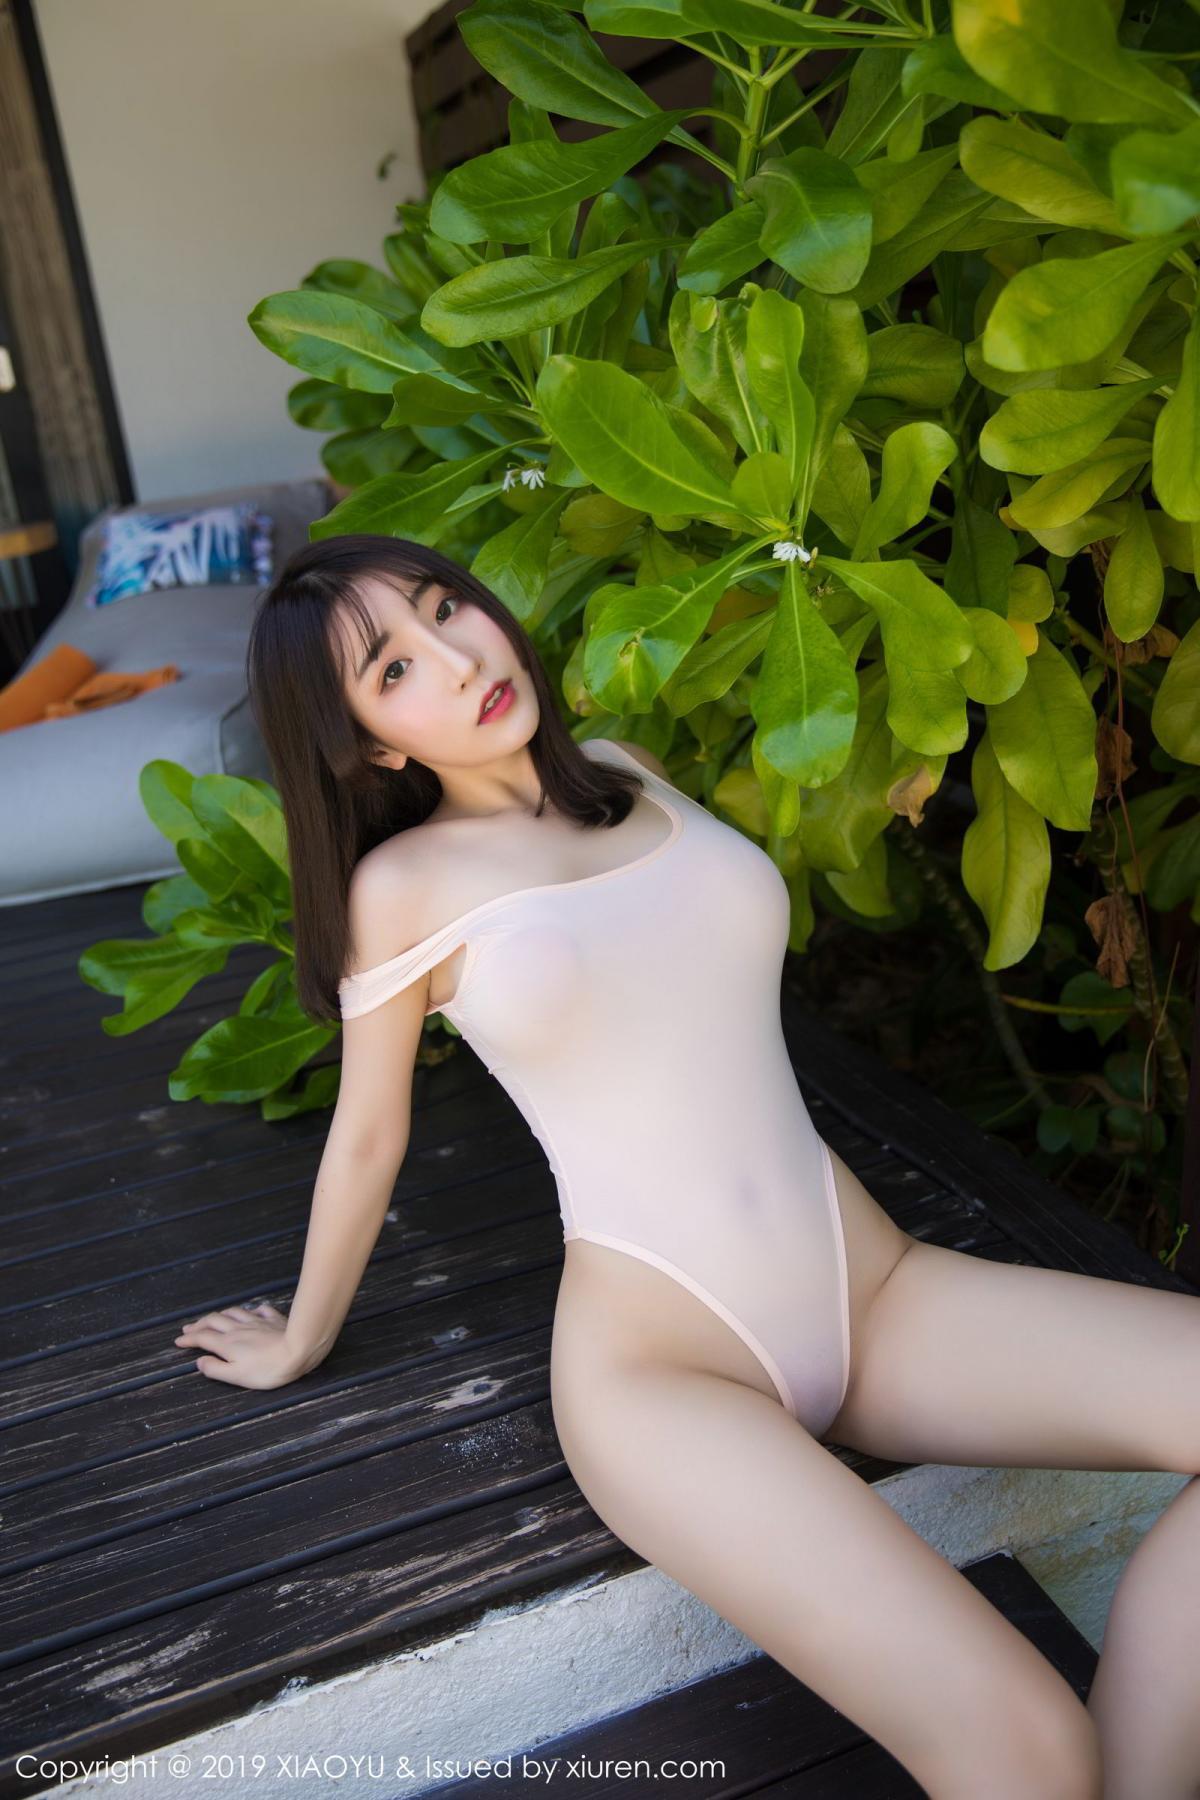 [XiaoYu] Vol.155 Xie Zhi Xin 16P, Bathroom, Big Booty, Wet, XiaoYu, Xie Zhi Xin